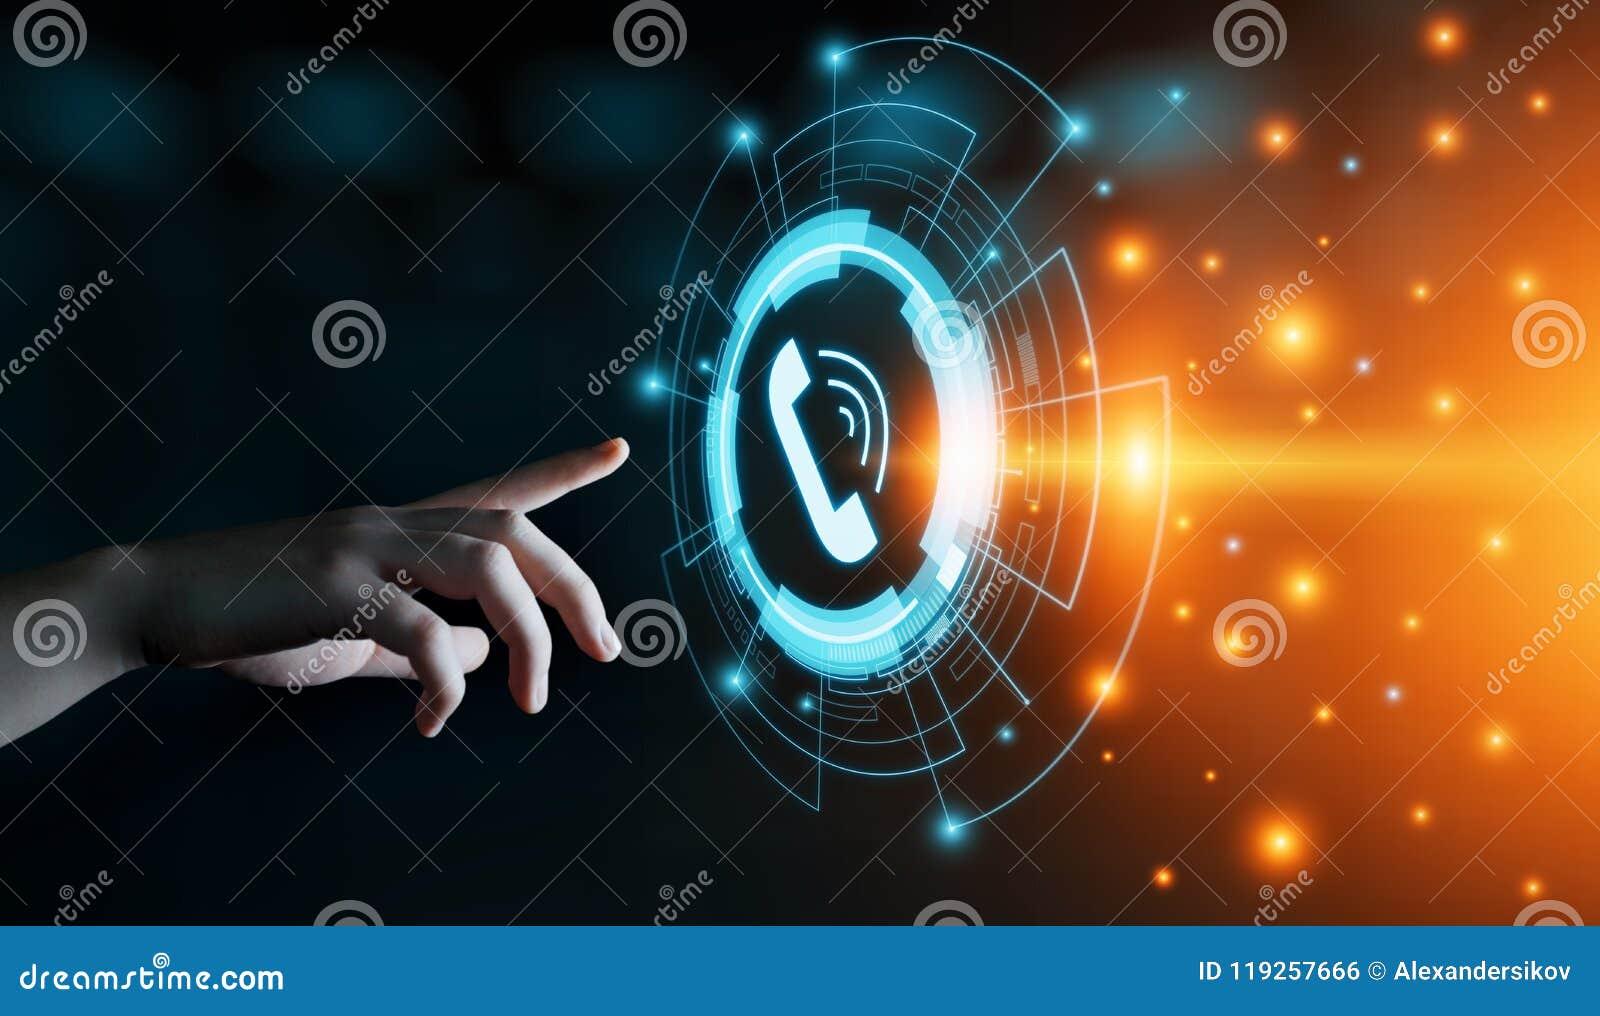 Έννοια τεχνολογίας κεντρικής εξυπηρέτησης πελατών υποστήριξης επιχειρησιακών επικοινωνιών κλήσης τώρα